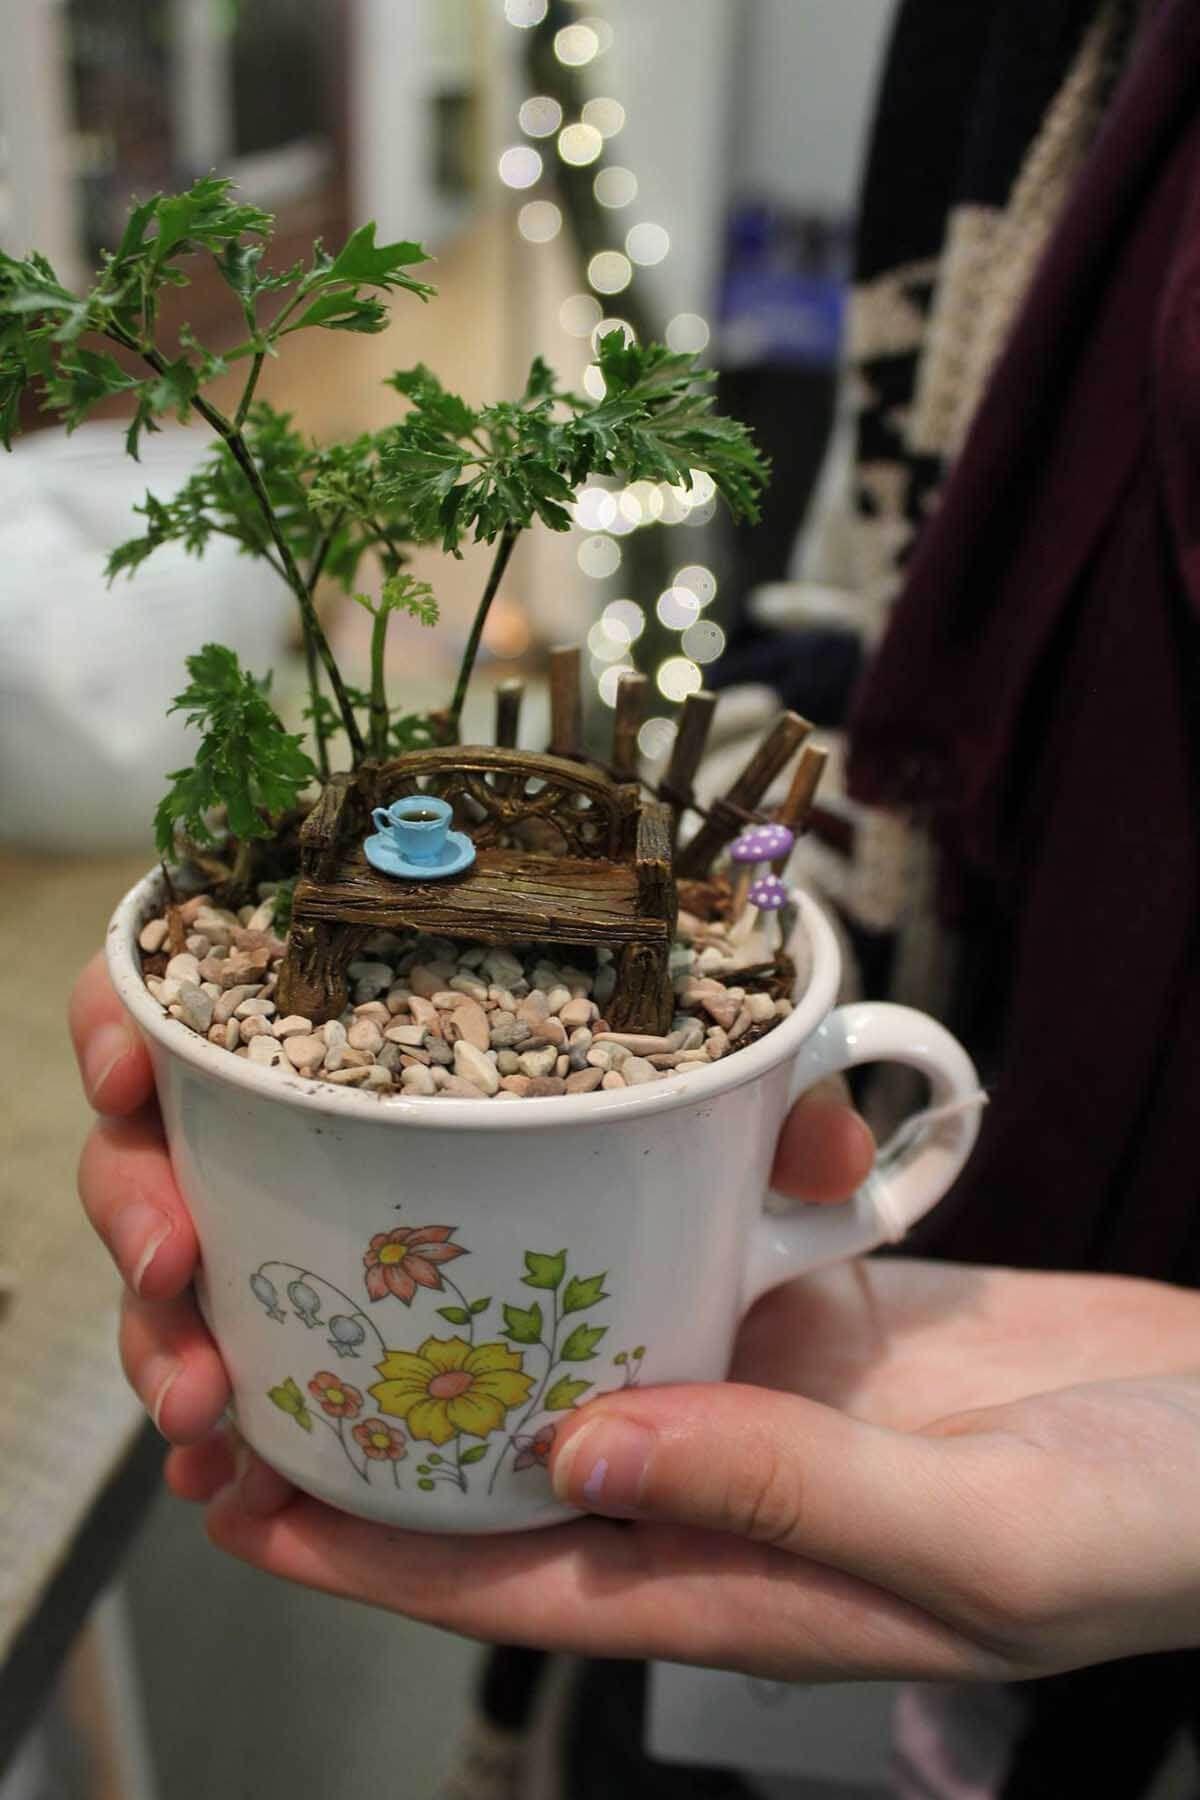 31 herrliche teetasse minigarten ideen zum ihres hauses gl ck hinzuzuf gen nette idee pinterest. Black Bedroom Furniture Sets. Home Design Ideas